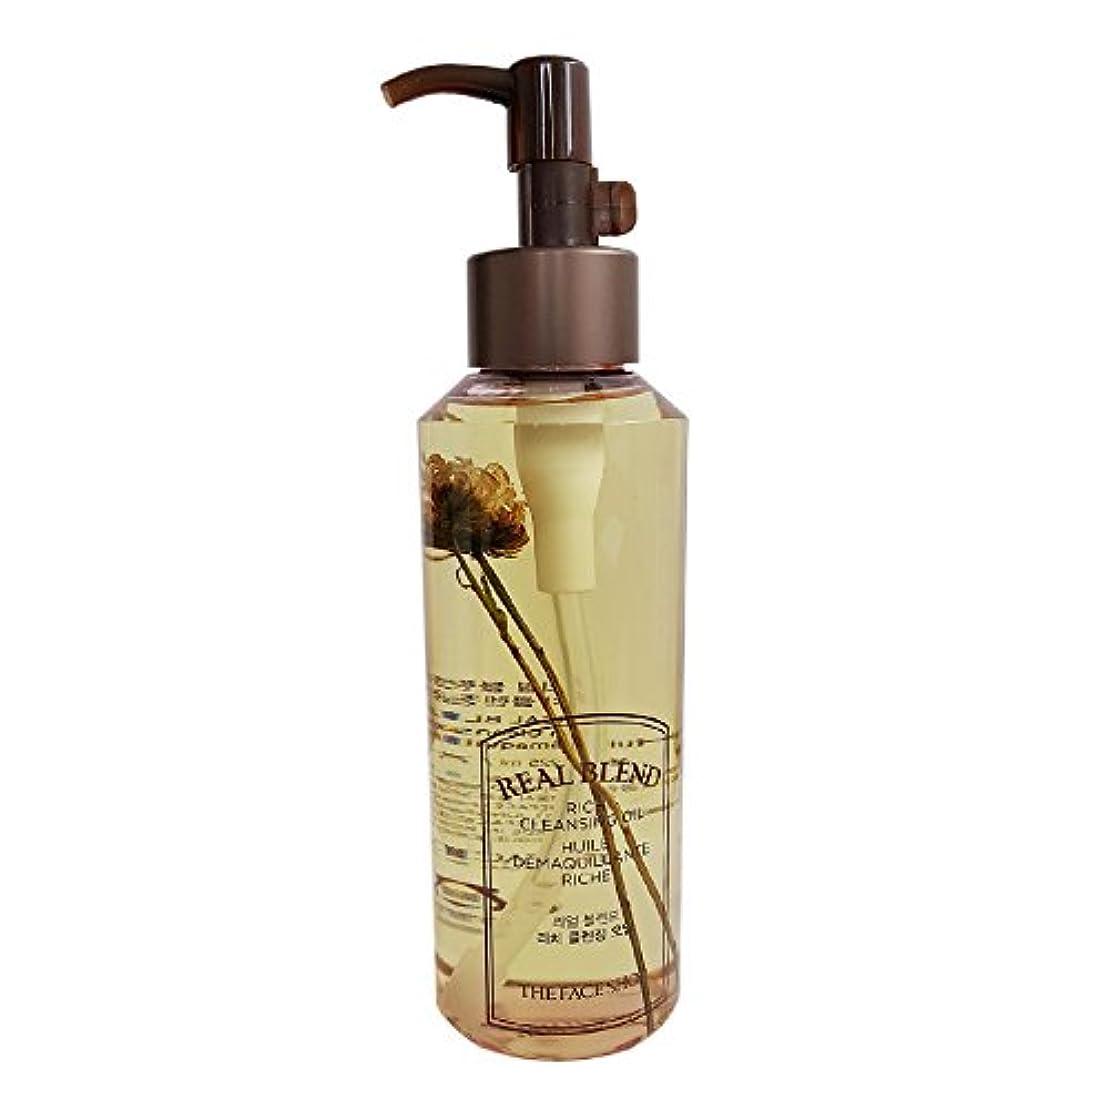 じゃがいも船上セットアップ[ザ·フェイスショップ]The Face Shop リアルブランド リッチクレンジングオイル (225ml) The Face Shop Real Blend Rich Cleansing Oil(225ml) [海外直送品]